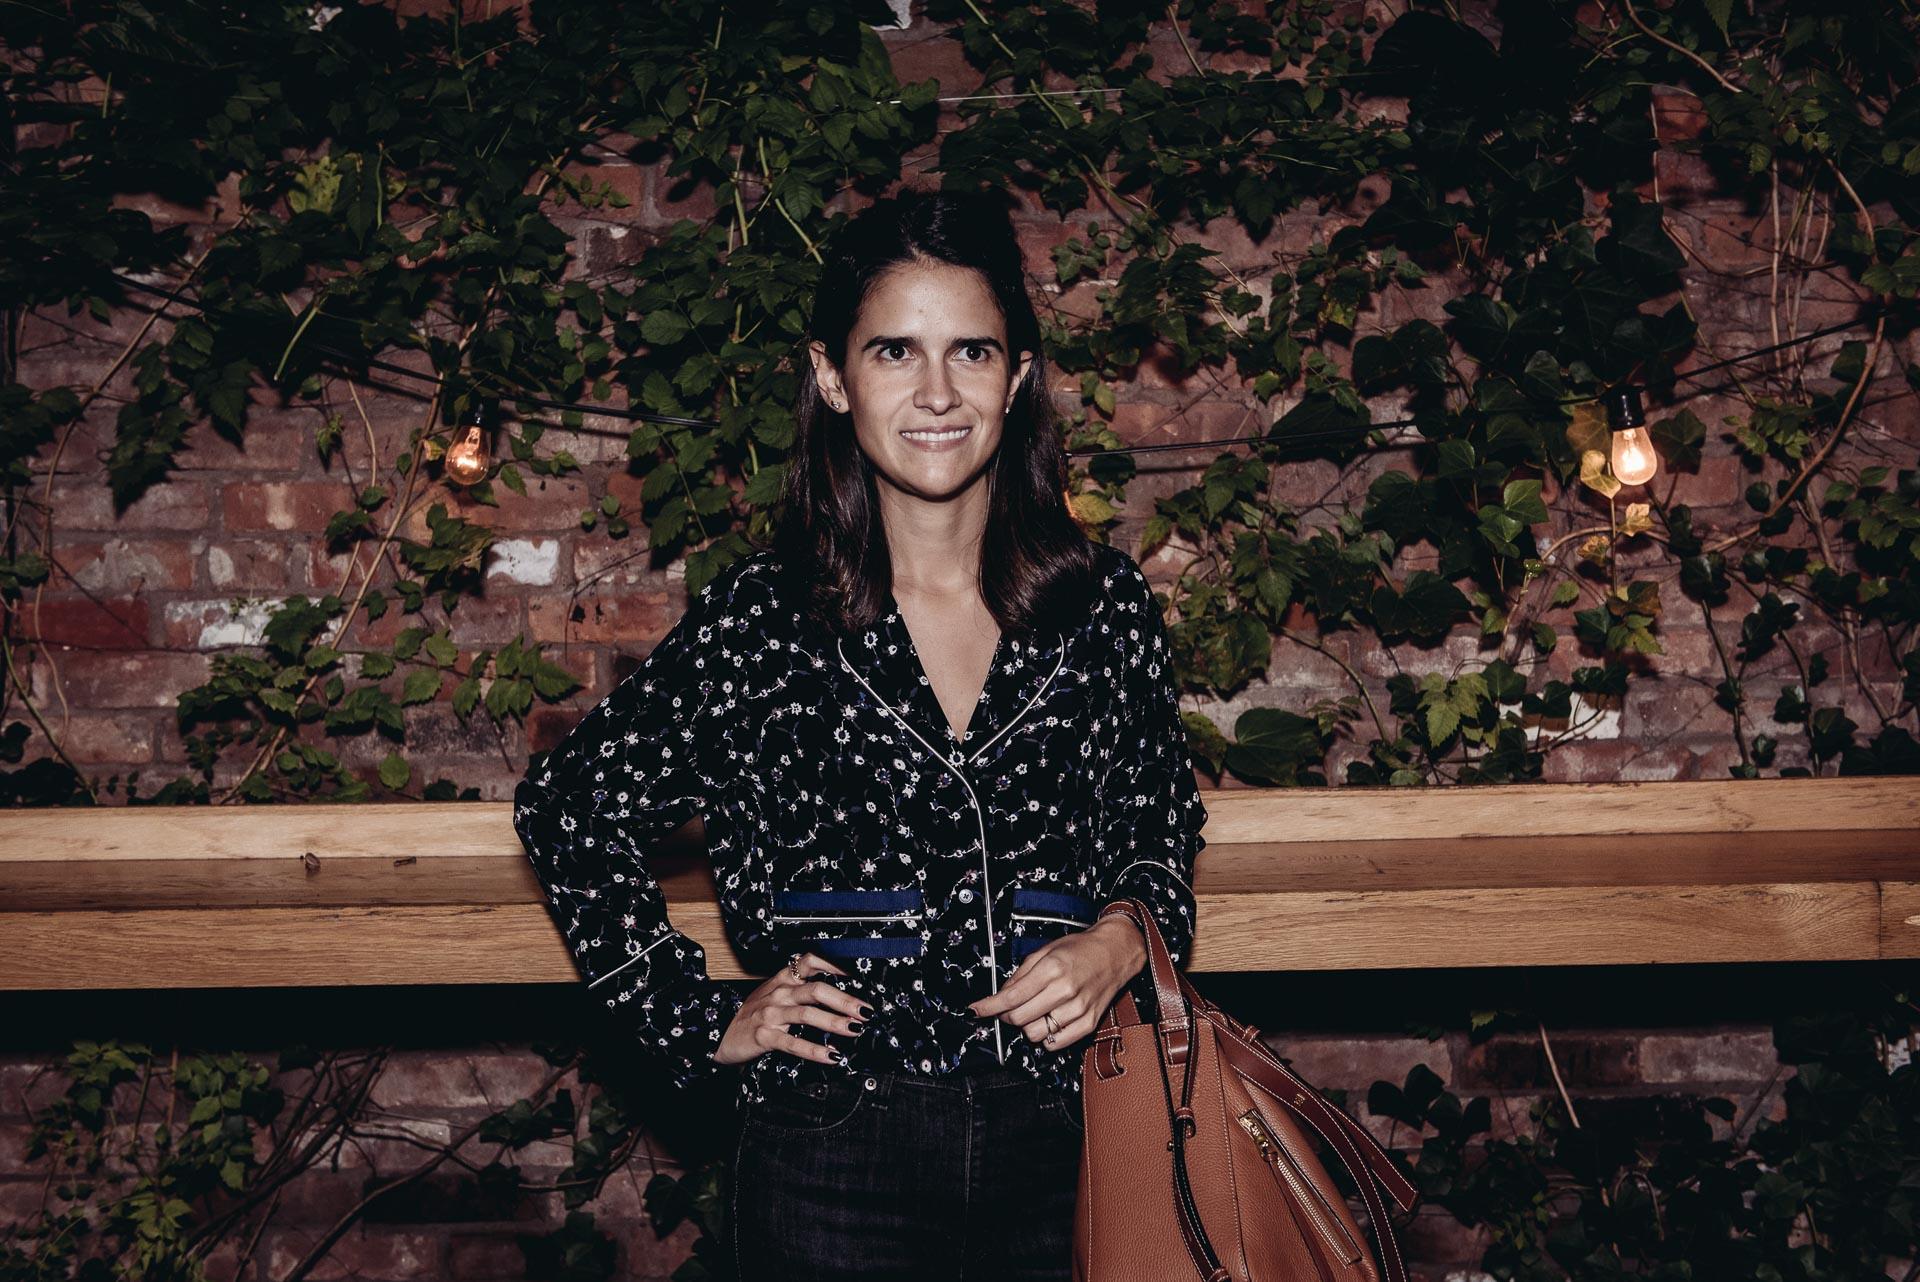 Joana Brito, JP / Photo: Fernando Godoy